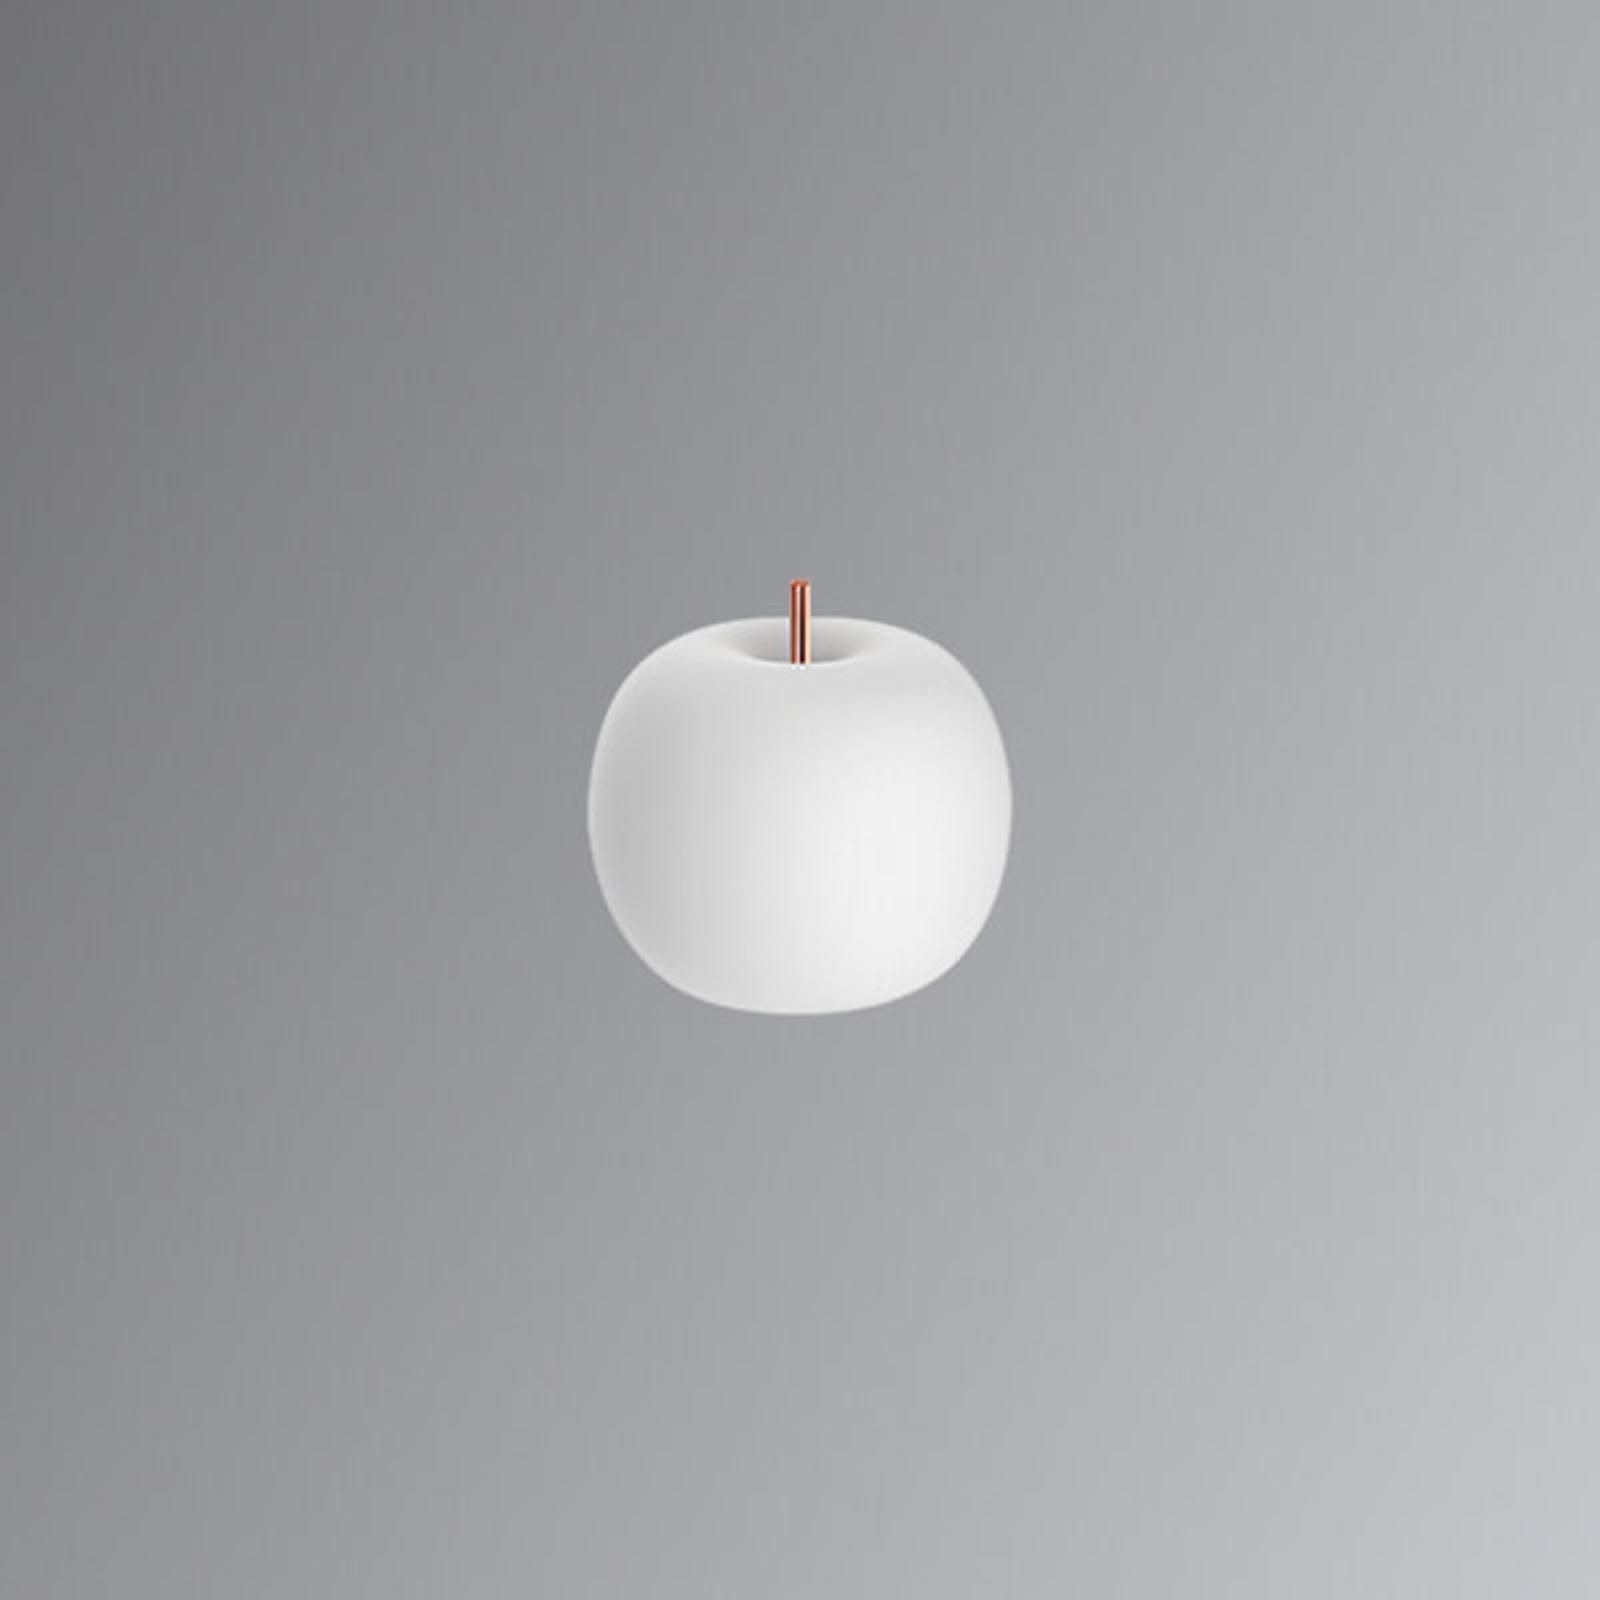 Kundalini Kushi - LED-bordlampe kobber 16 cm